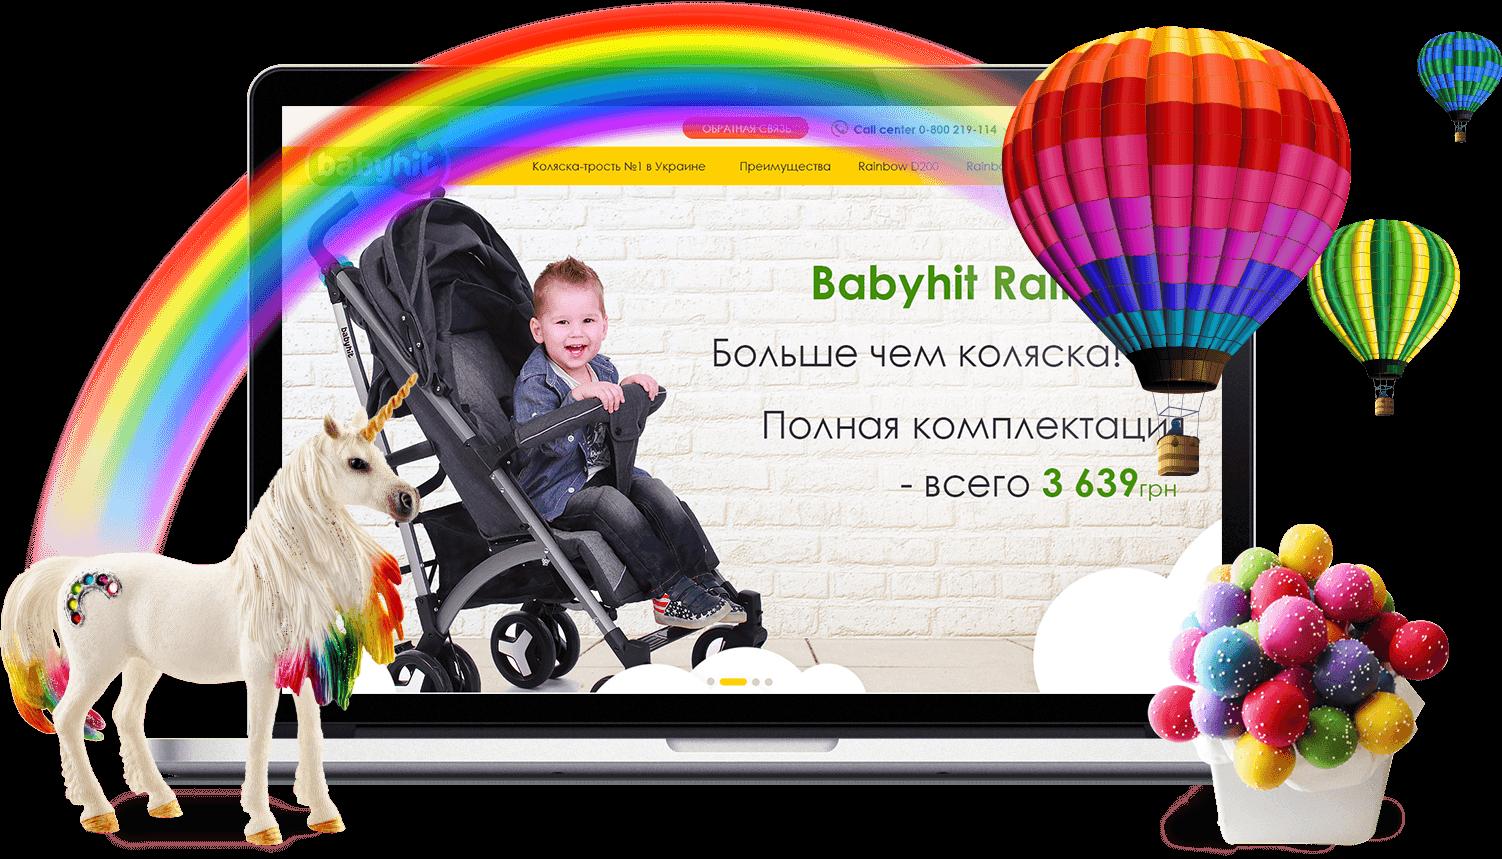 Babyhit Rainbow